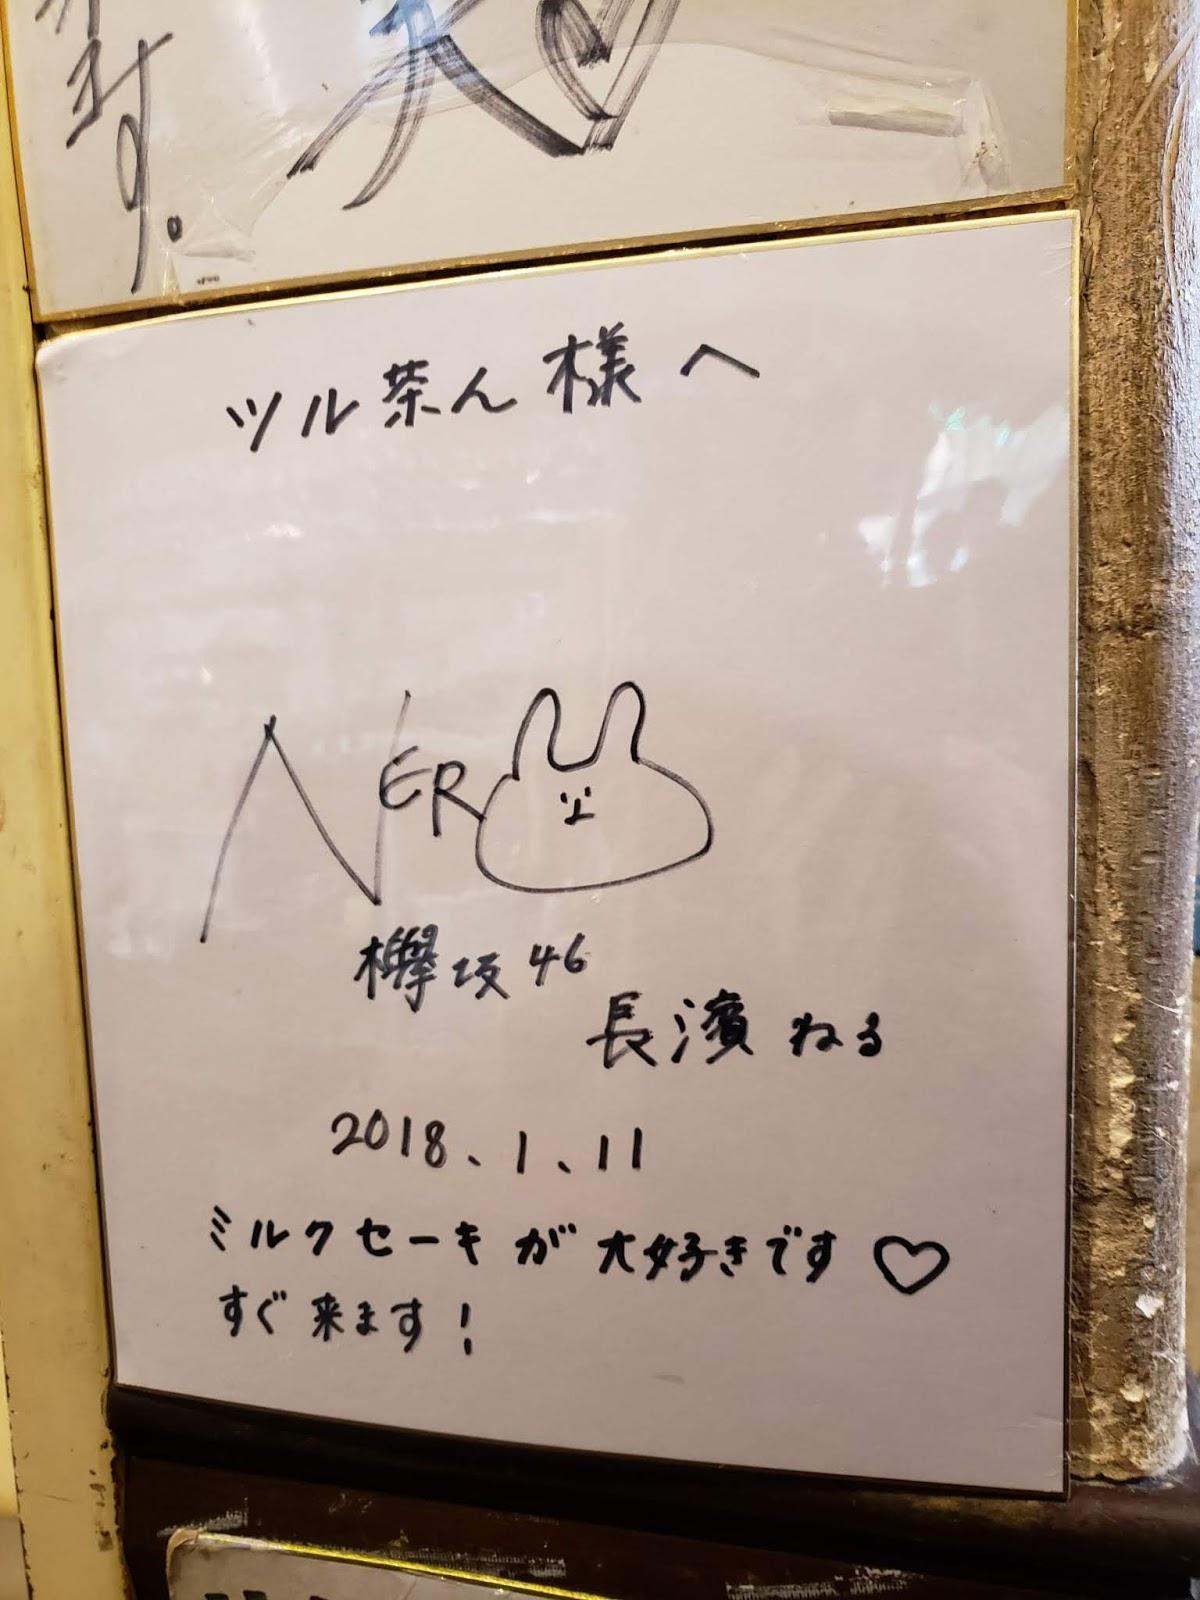 ツル茶ん 欅坂48長濱ねるサイン